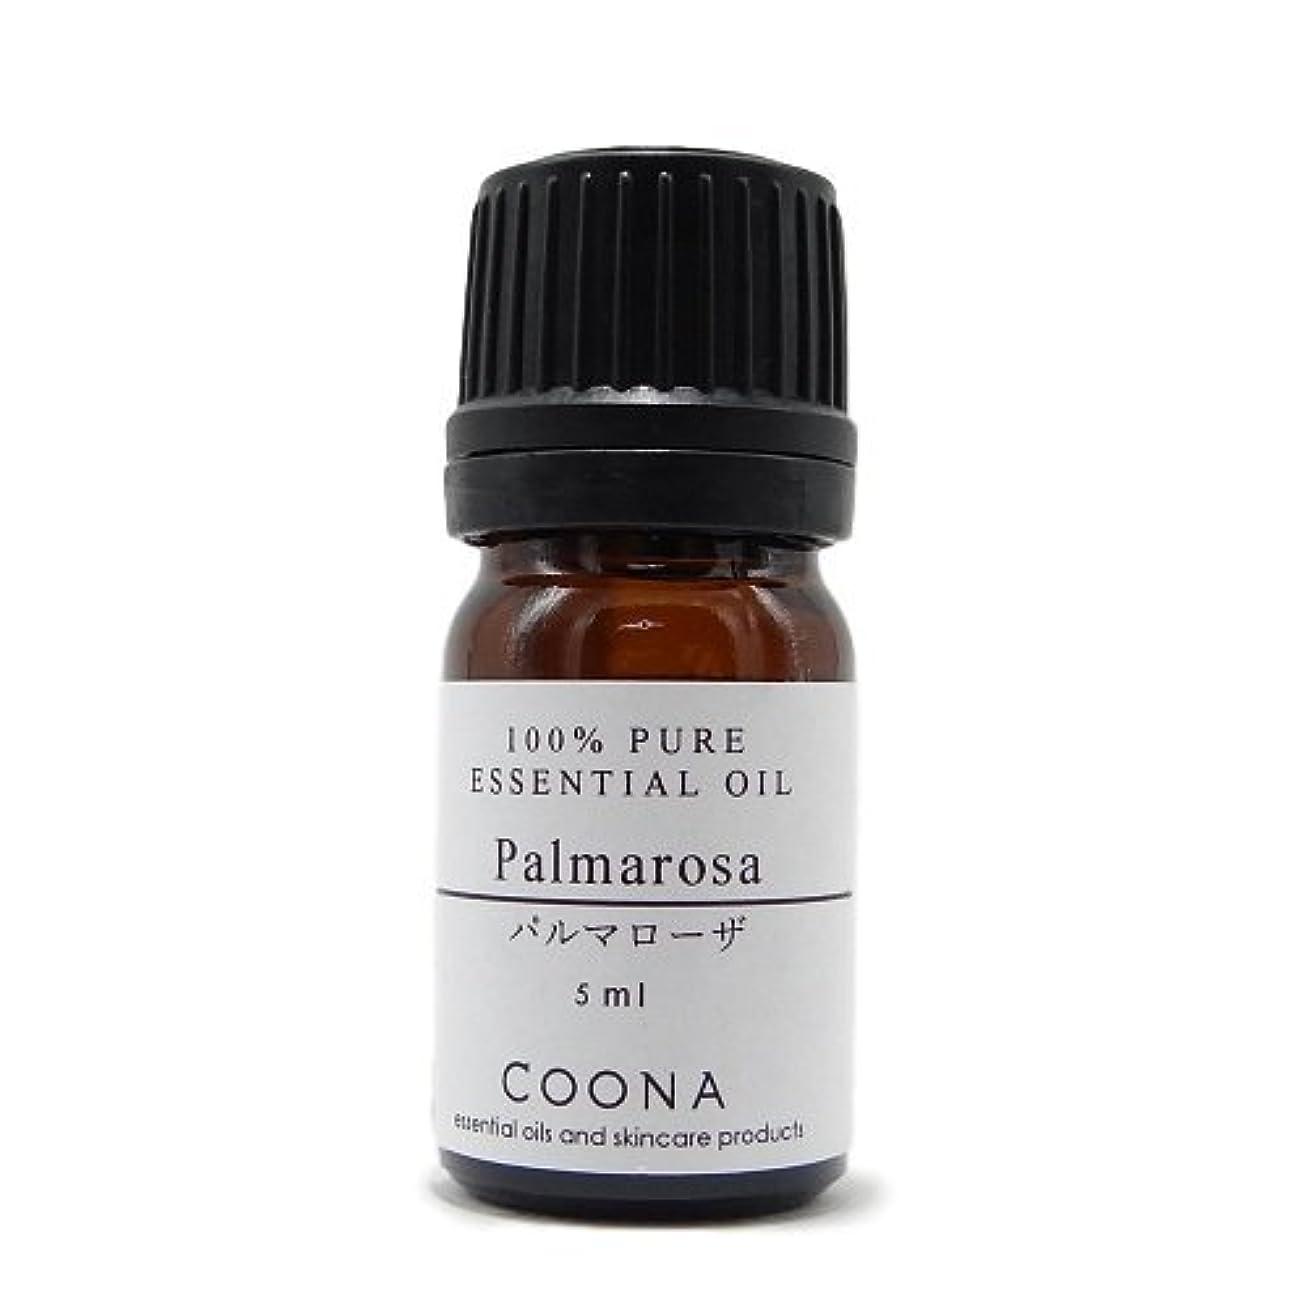 光沢のあるメイト膨張するパルマローザ 5 ml (COONA エッセンシャルオイル アロマオイル 100%天然植物精油)